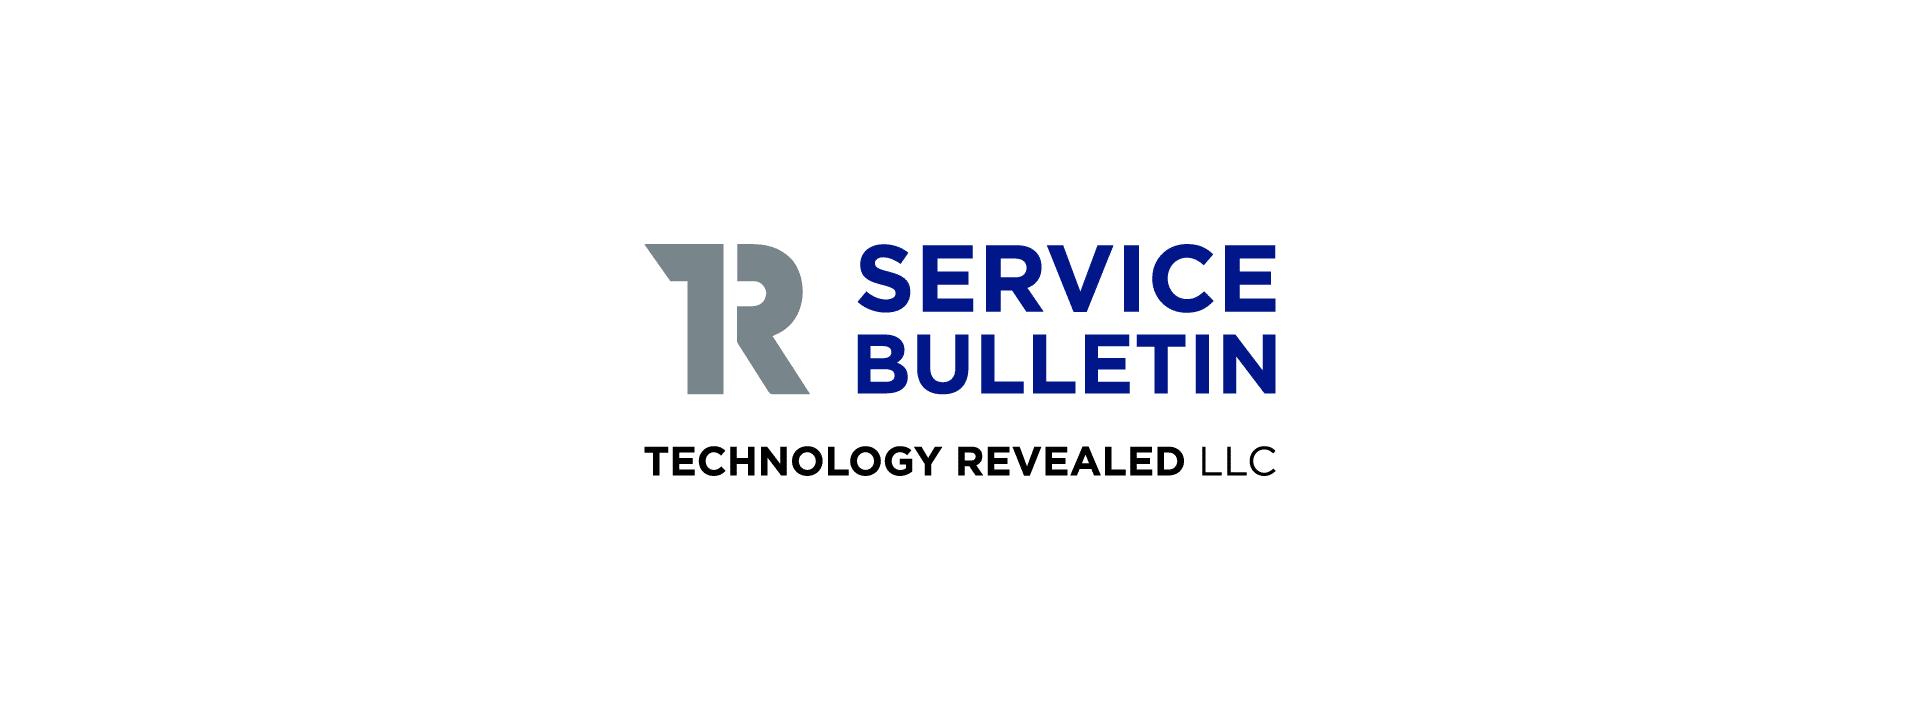 Technology Revealed Service Bulletin